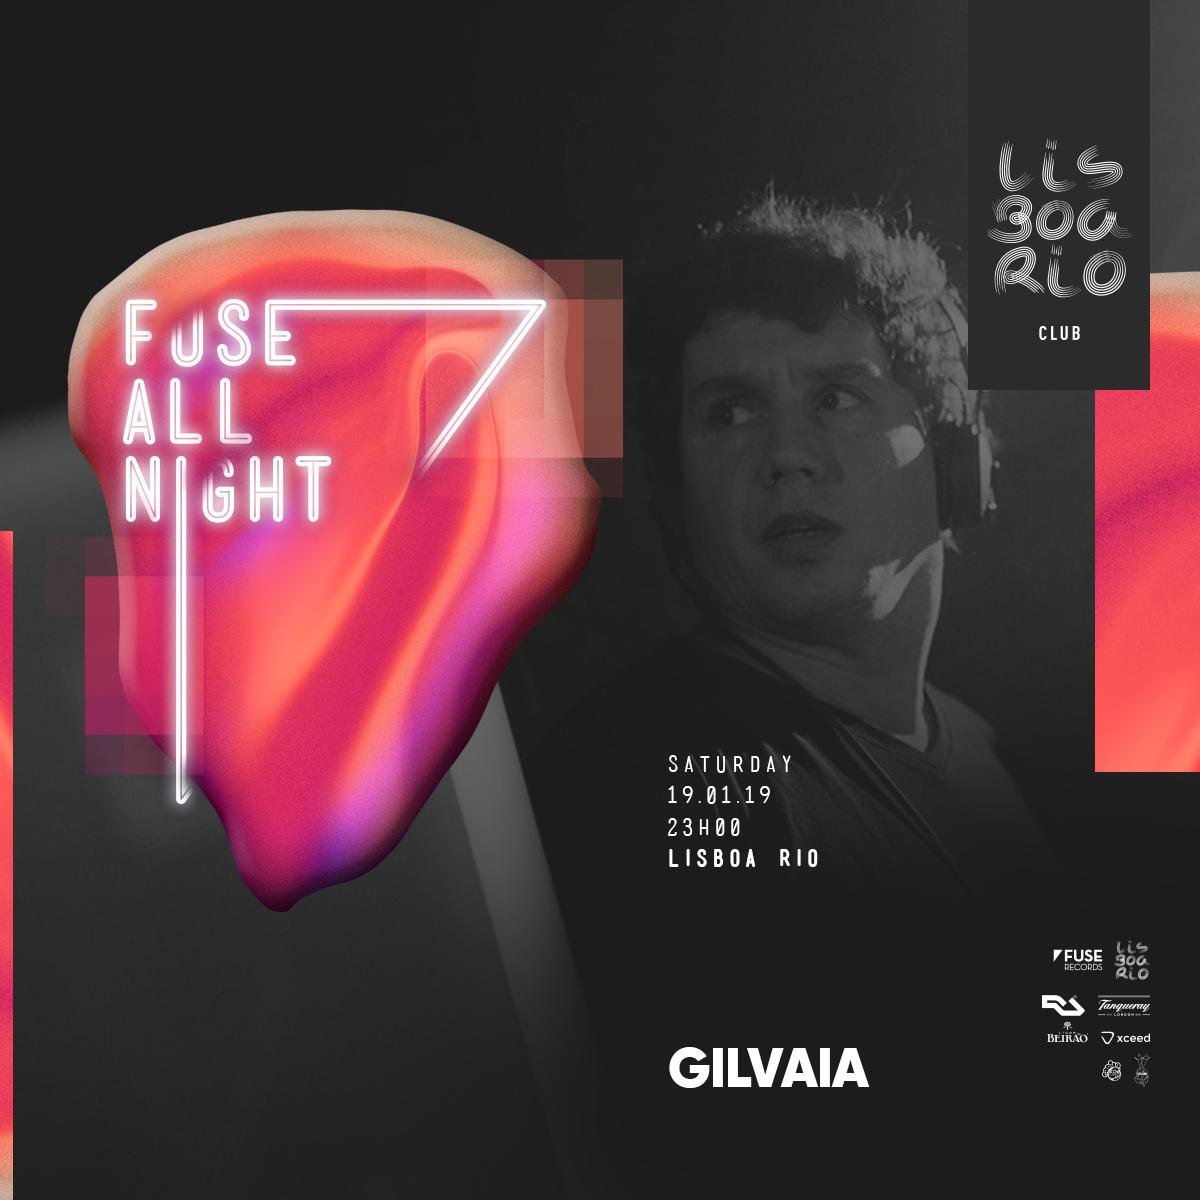 AllNight_190119_Profile_Gilvaia-1.jpg